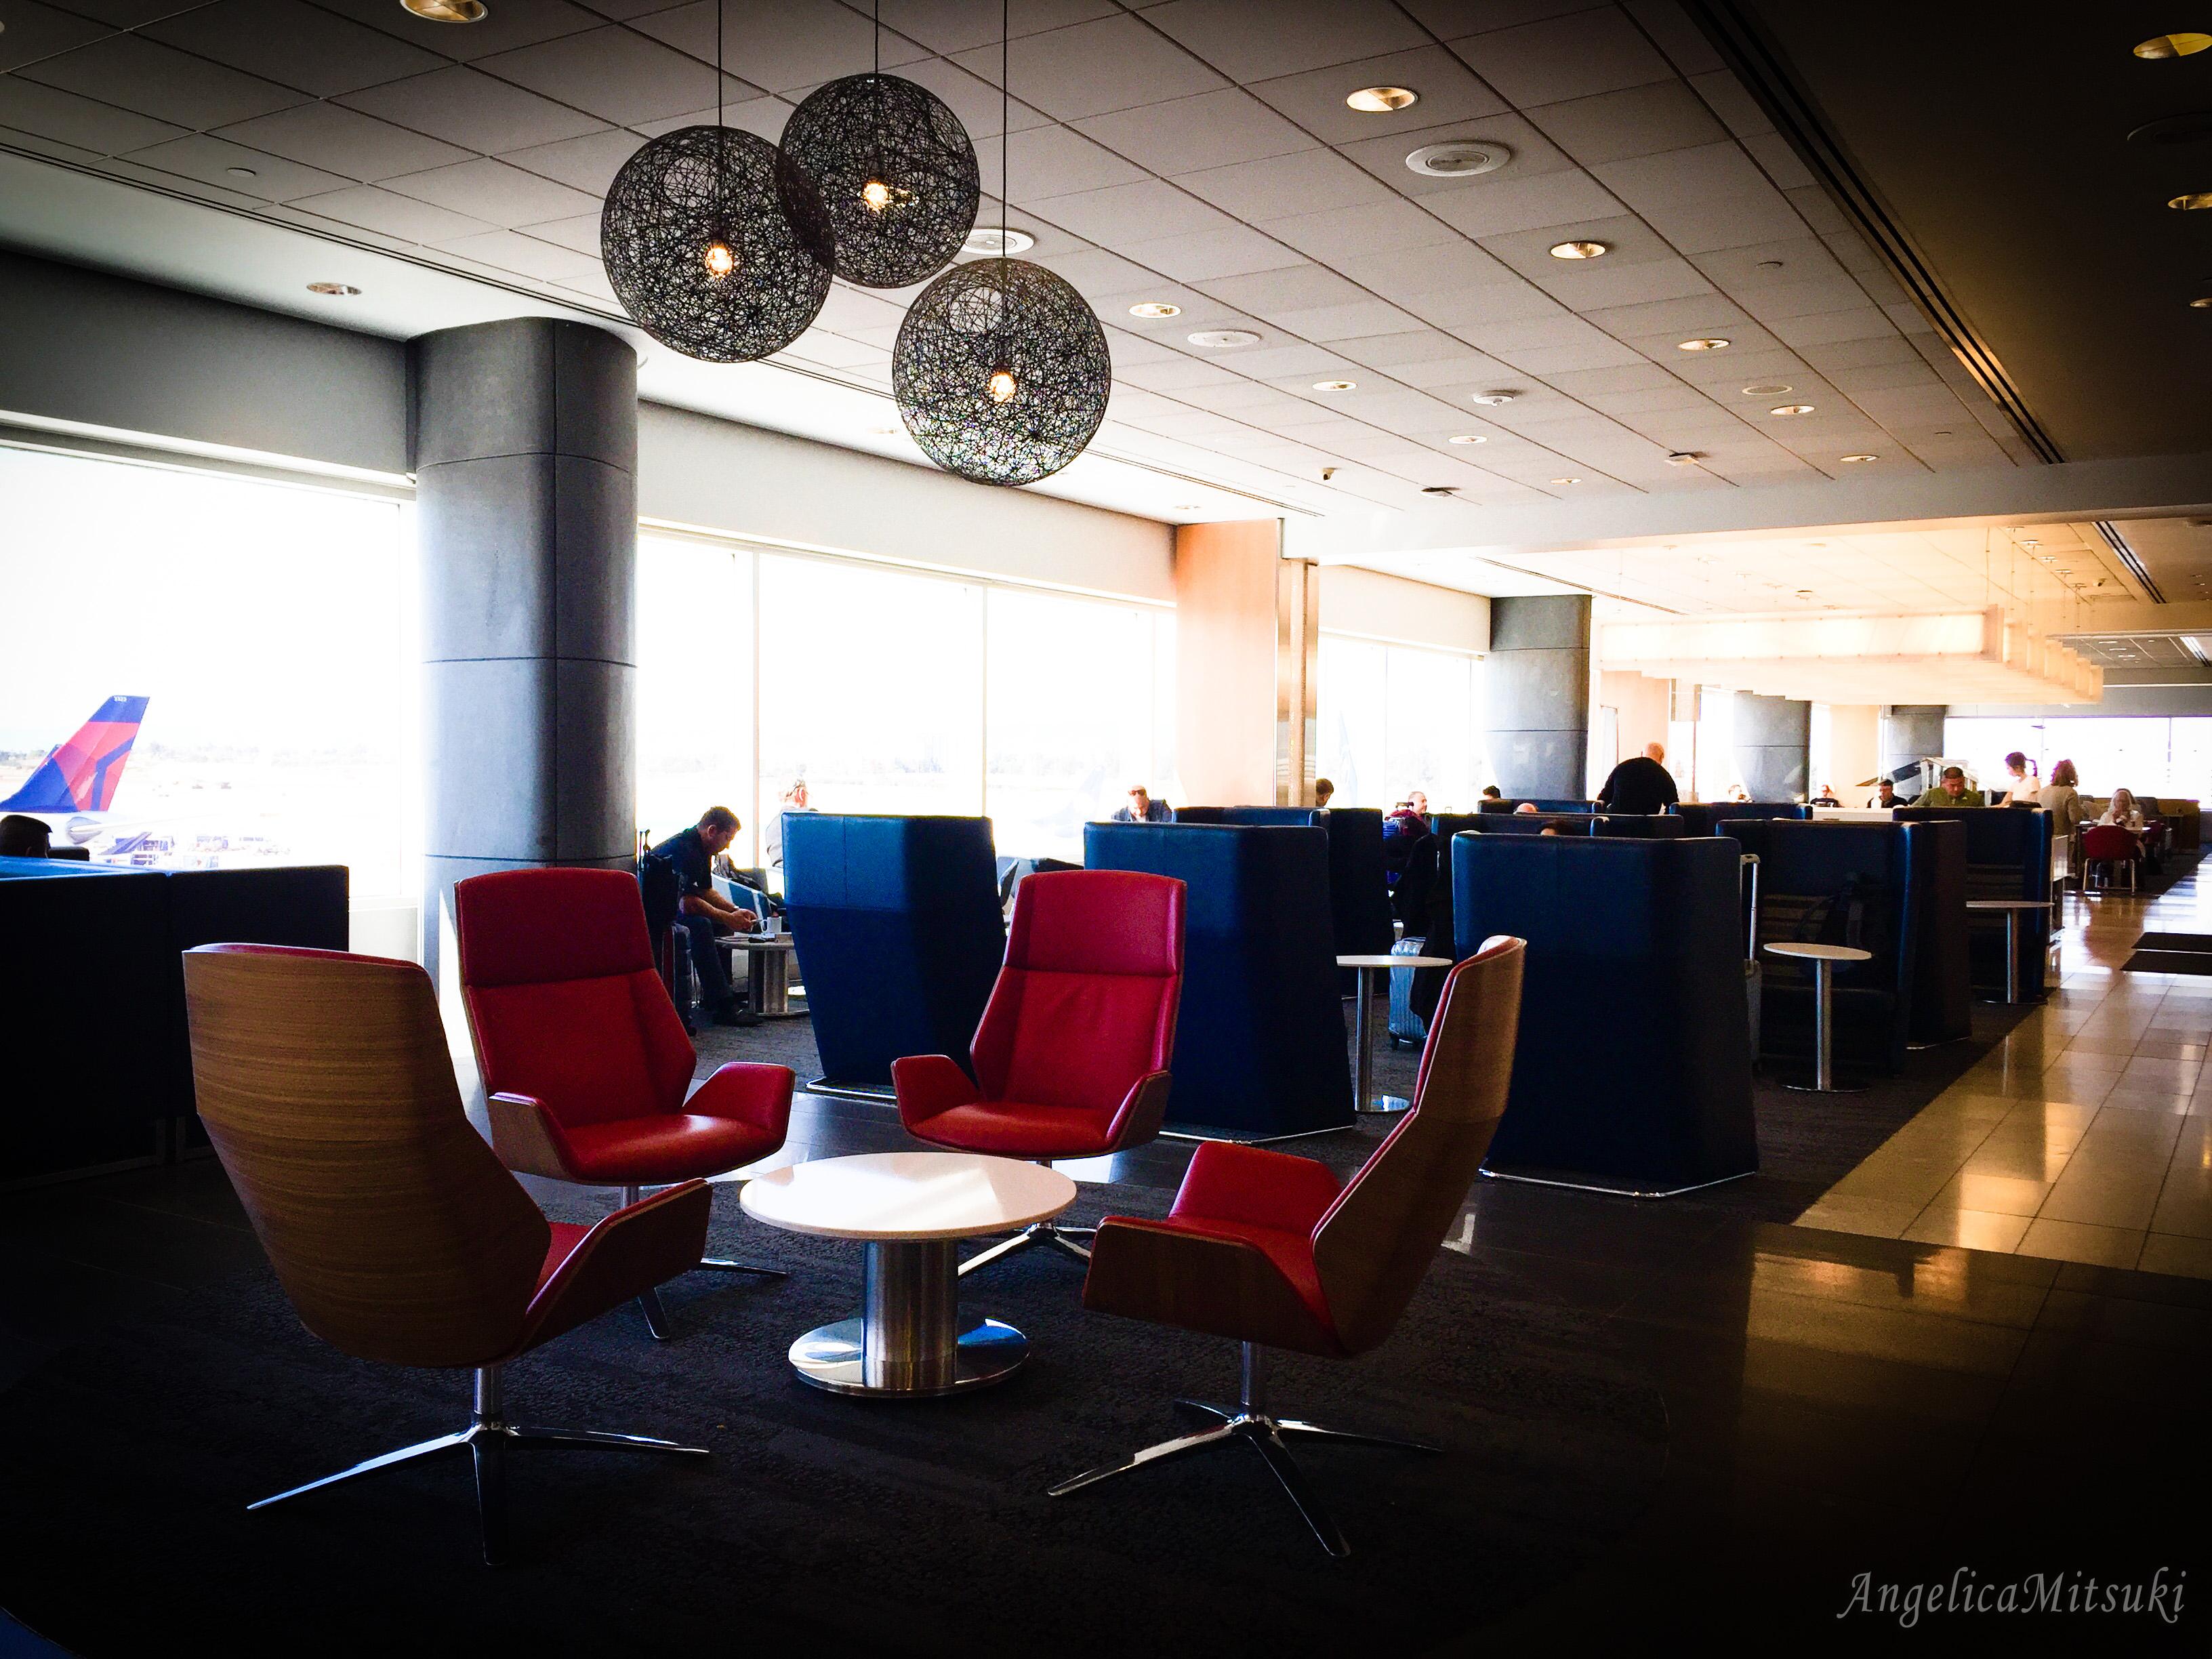 ロサンゼルス空港(LAX)にあるデルタのスカイラウンジが素晴らしい!